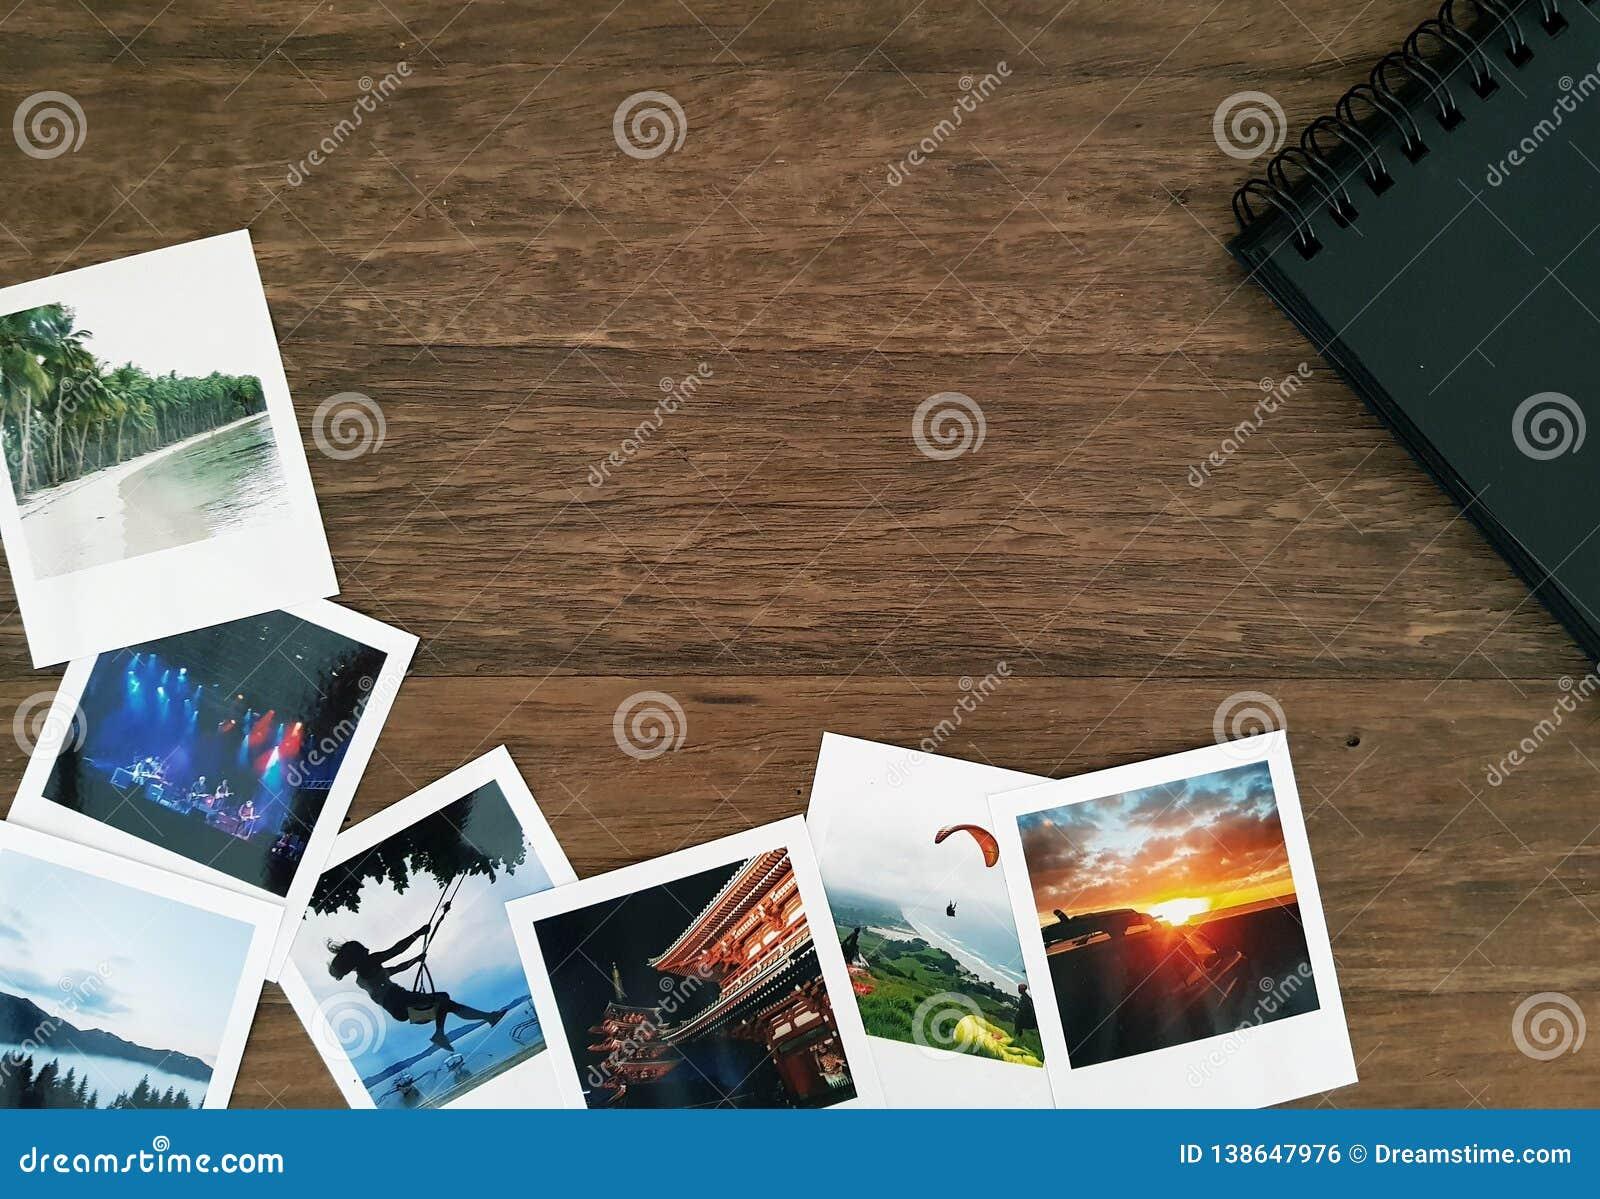 Immagini della polaroid e un album di foto a spirale nero su una tavola di legno con spazio bianco